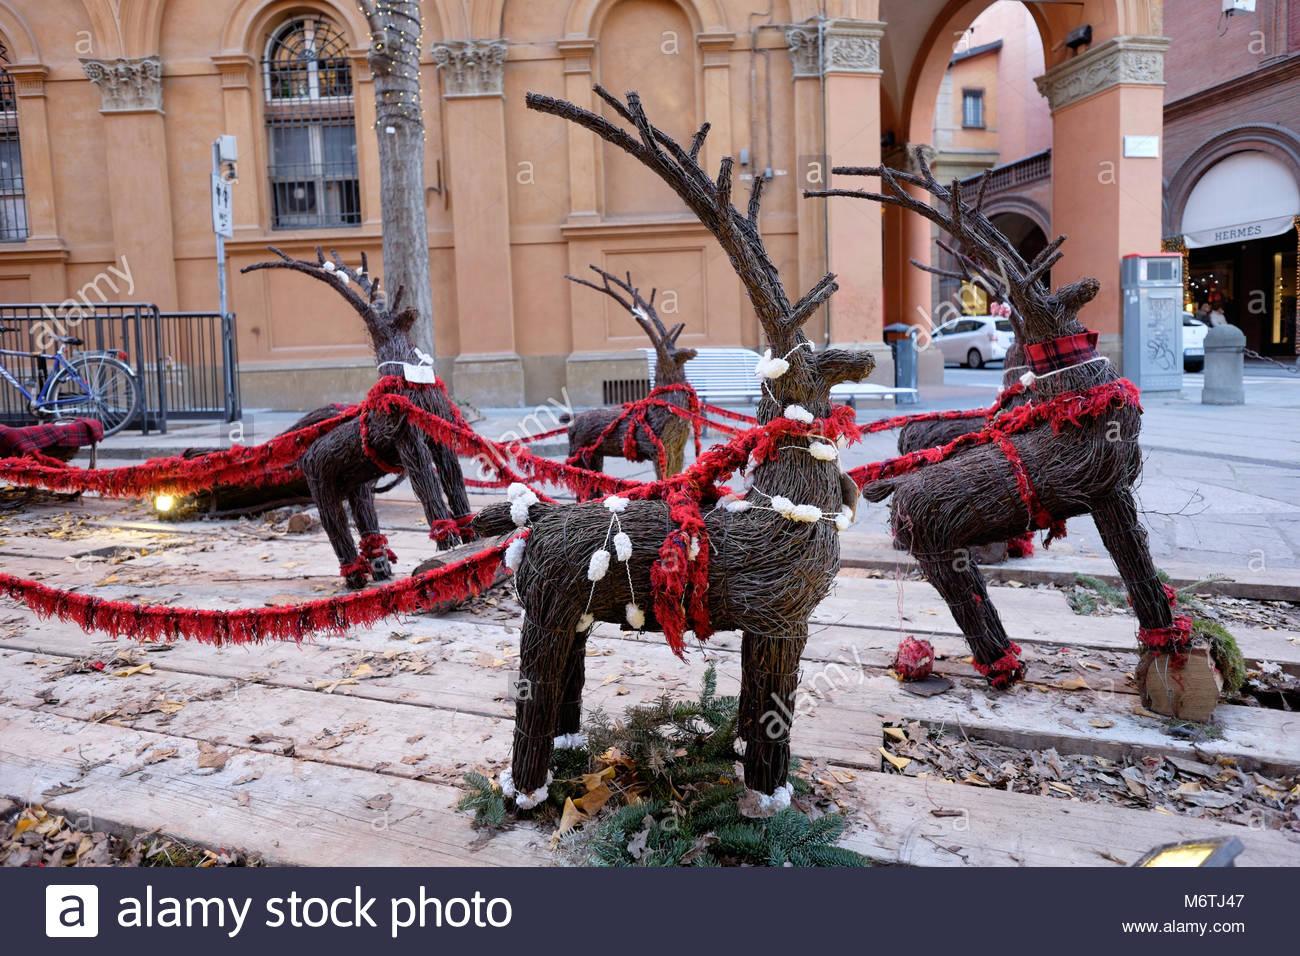 Natale a bologna, vimini renne Immagini Stock